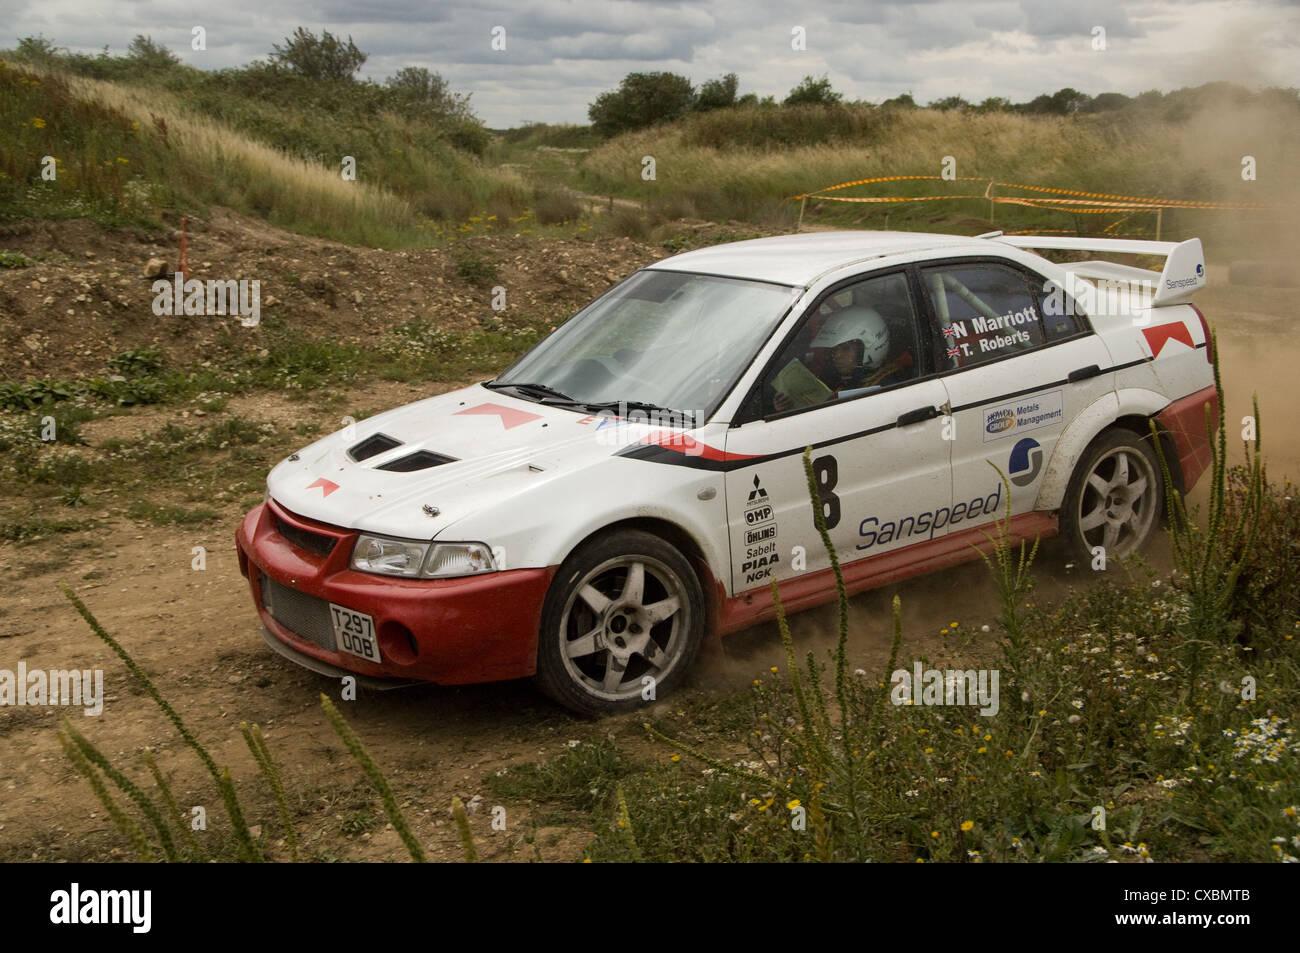 mitsubishi-lancer-rally-car-cxbmtb.jpg